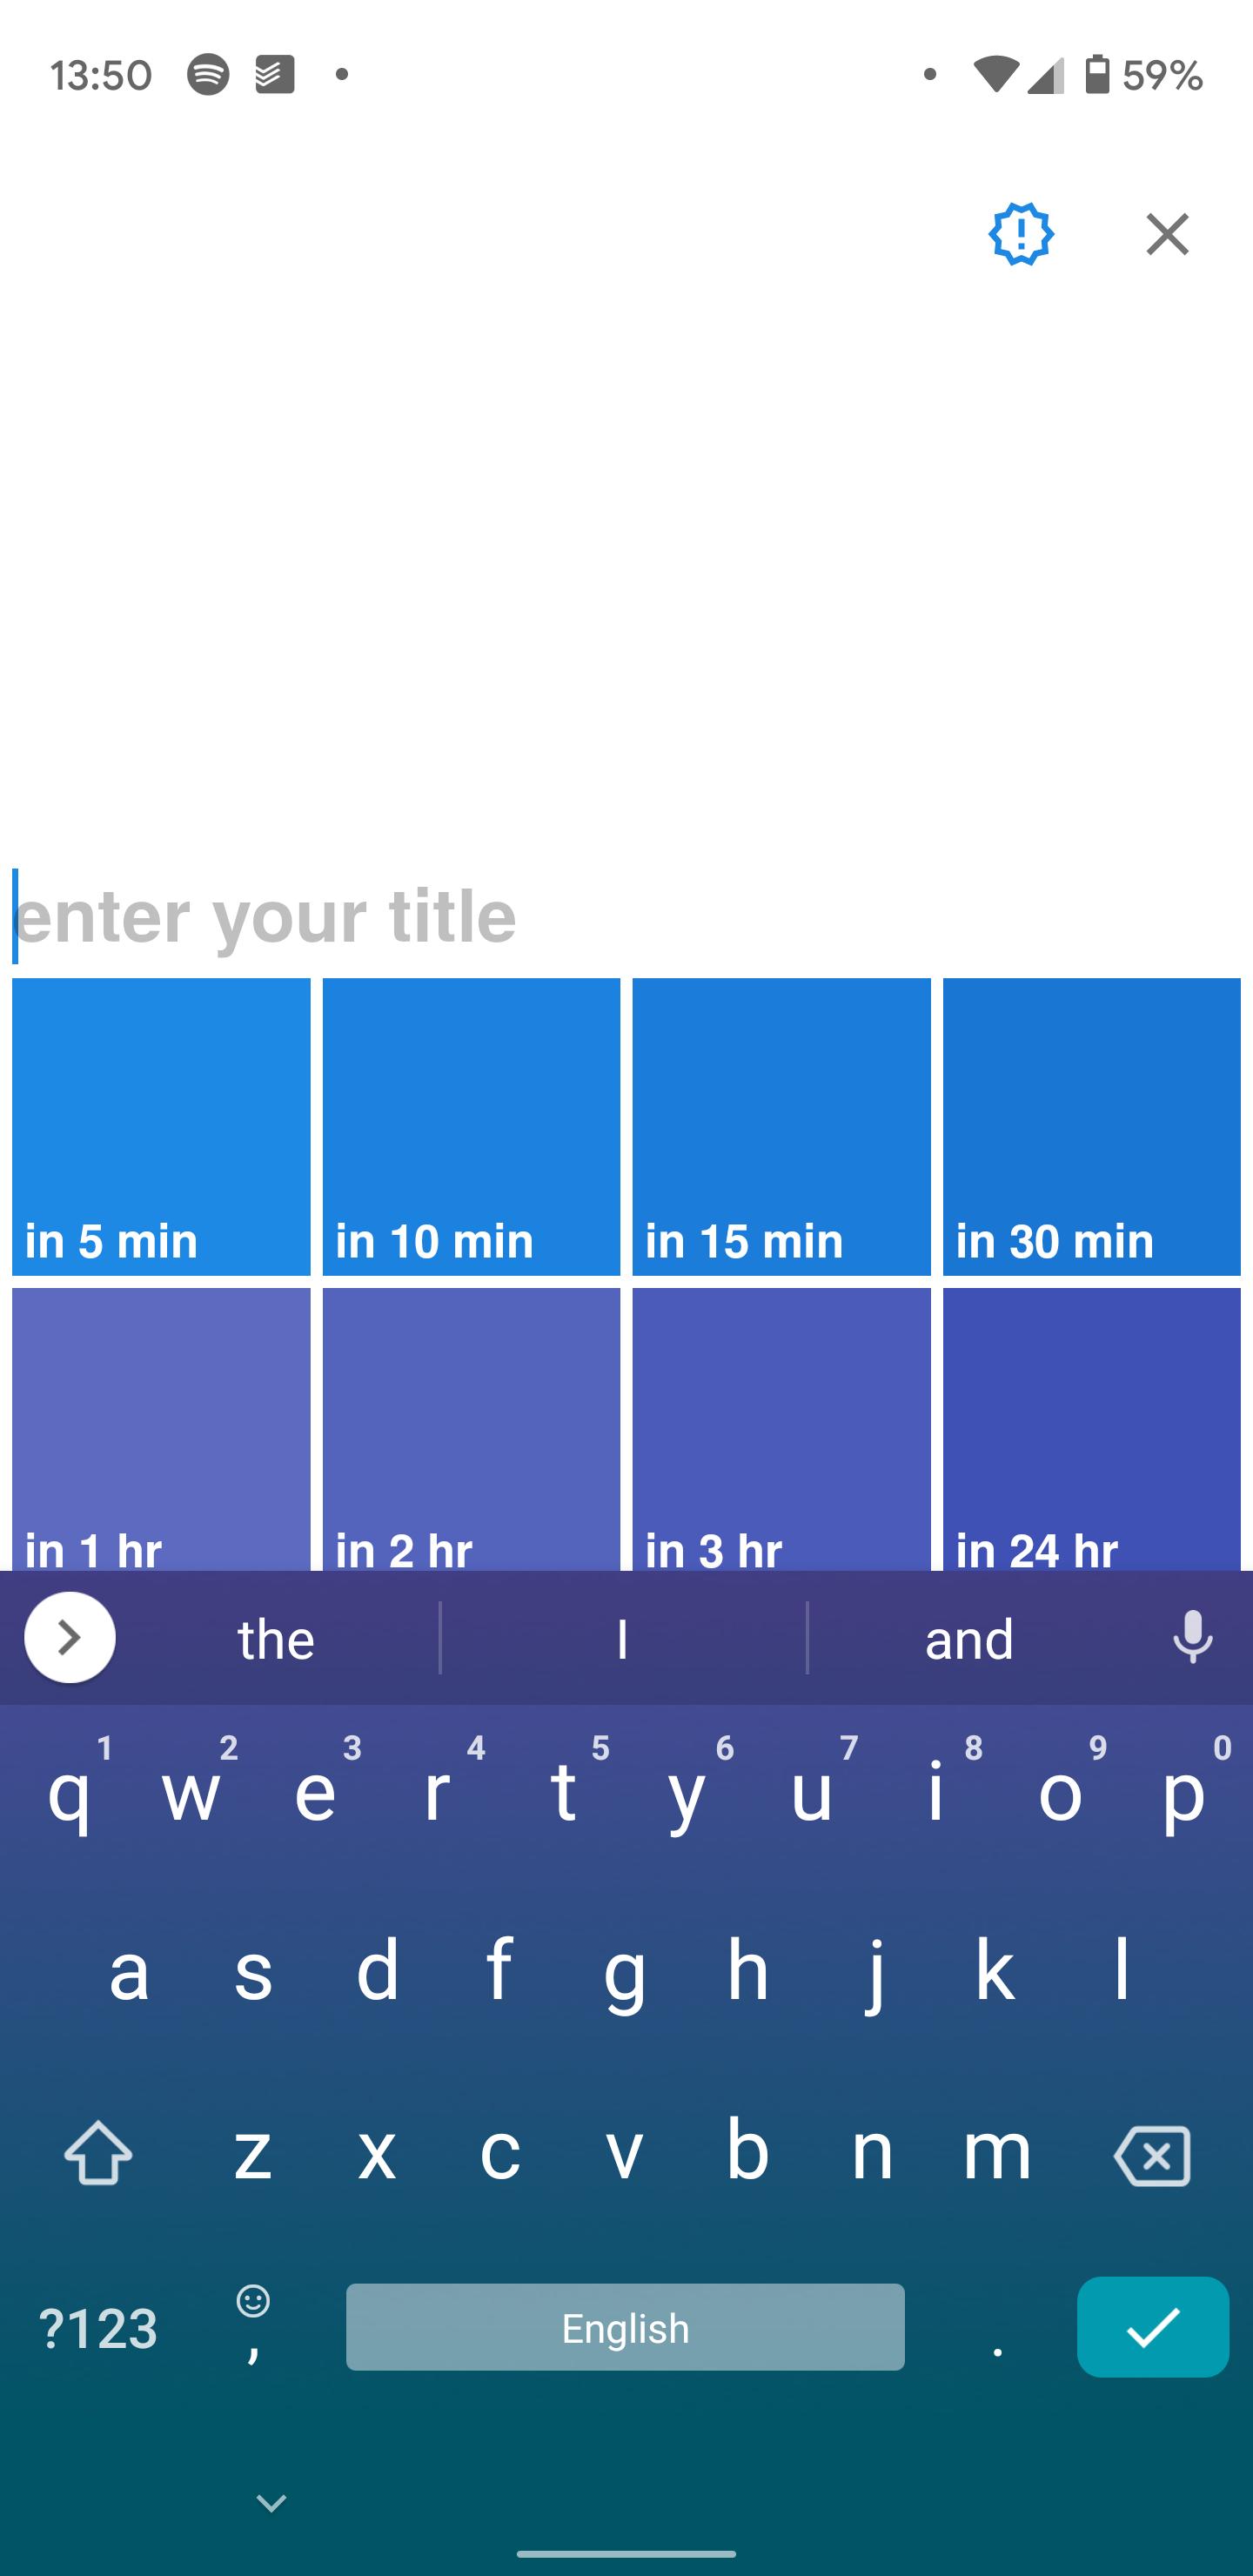 تحديث لوحة Gboard في أندرويد يدعم رموز تعبيرية جديدة وأكثر